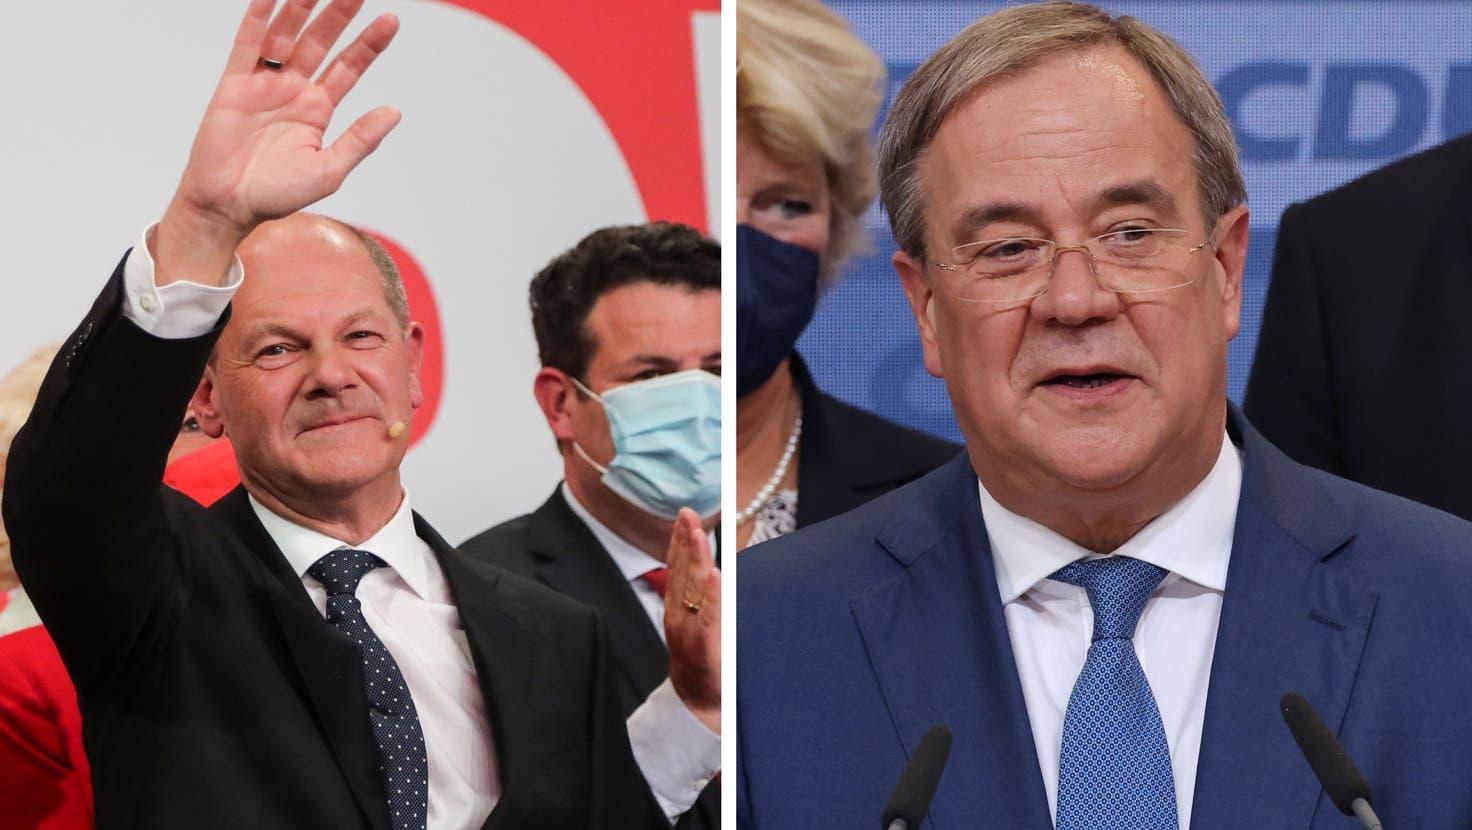 Neueste Hochrechnung: SPD baut den Vorsprung mit 25,5% aus, CDU/CSU bei 24,5% ++ Beide Parteien beanspruchen das Kanzleramt